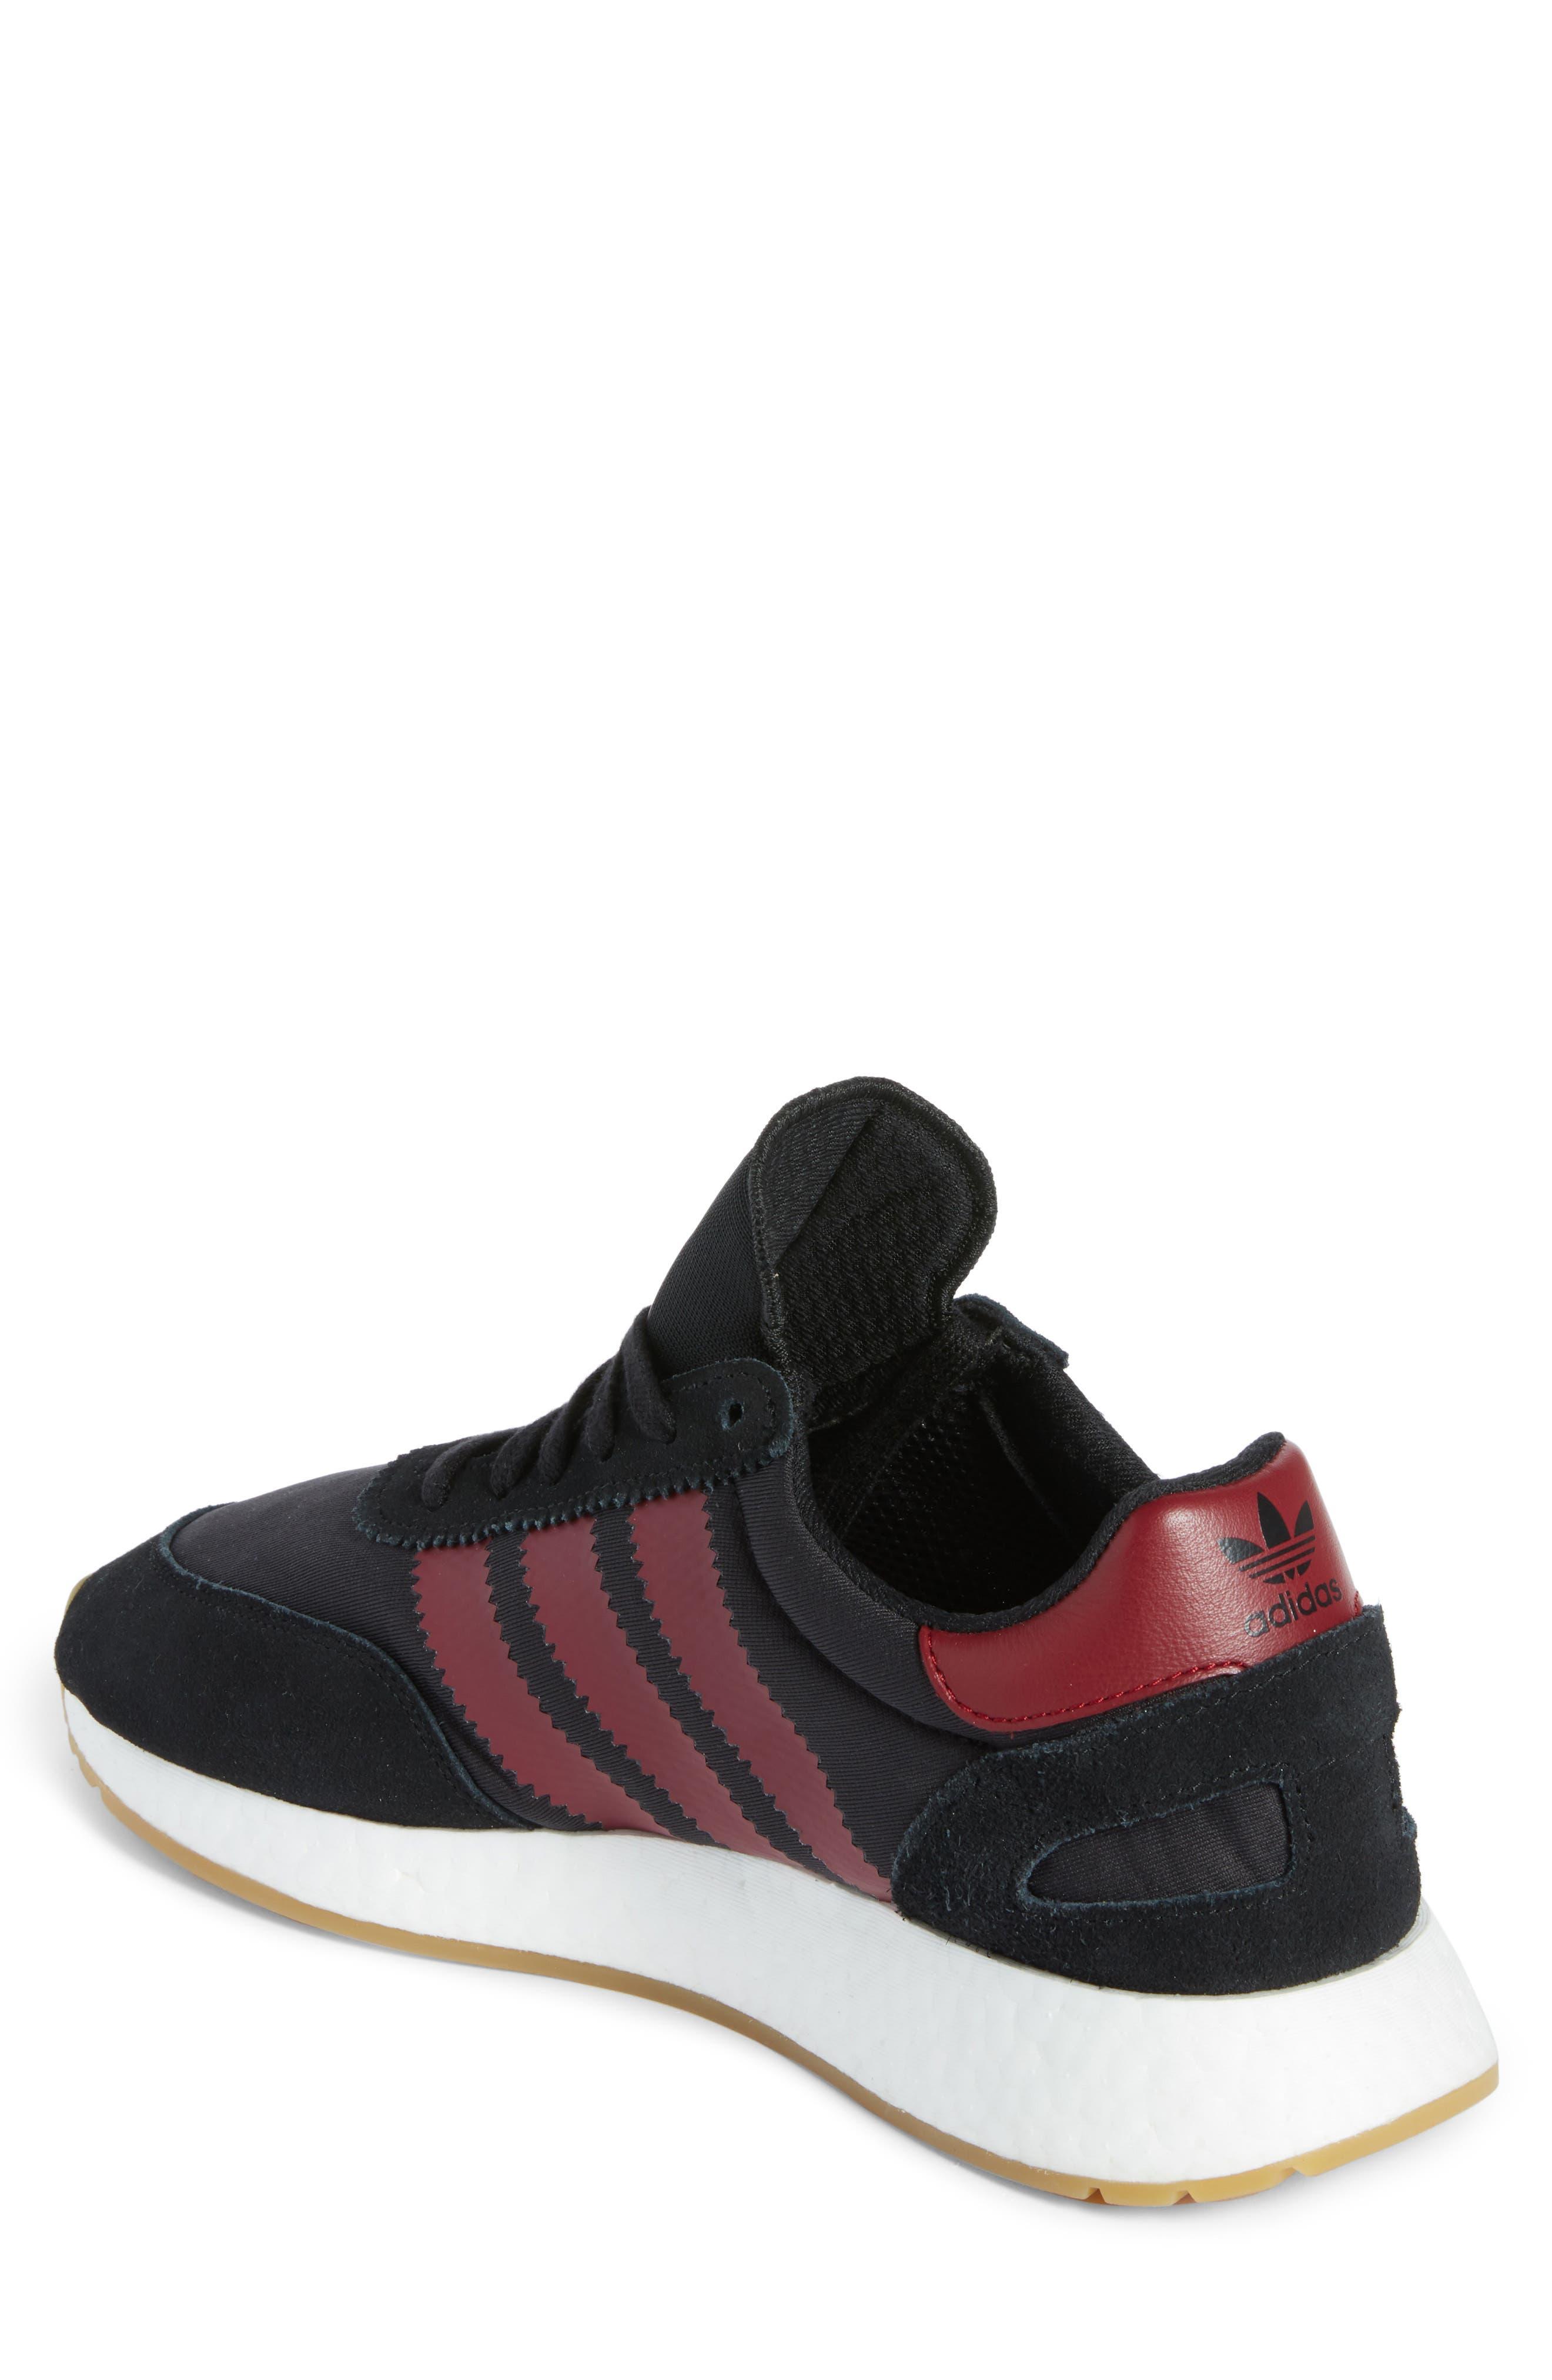 I-5923 Sneaker,                             Alternate thumbnail 2, color,                             BLACK/ BURGUNDY/ WHITE